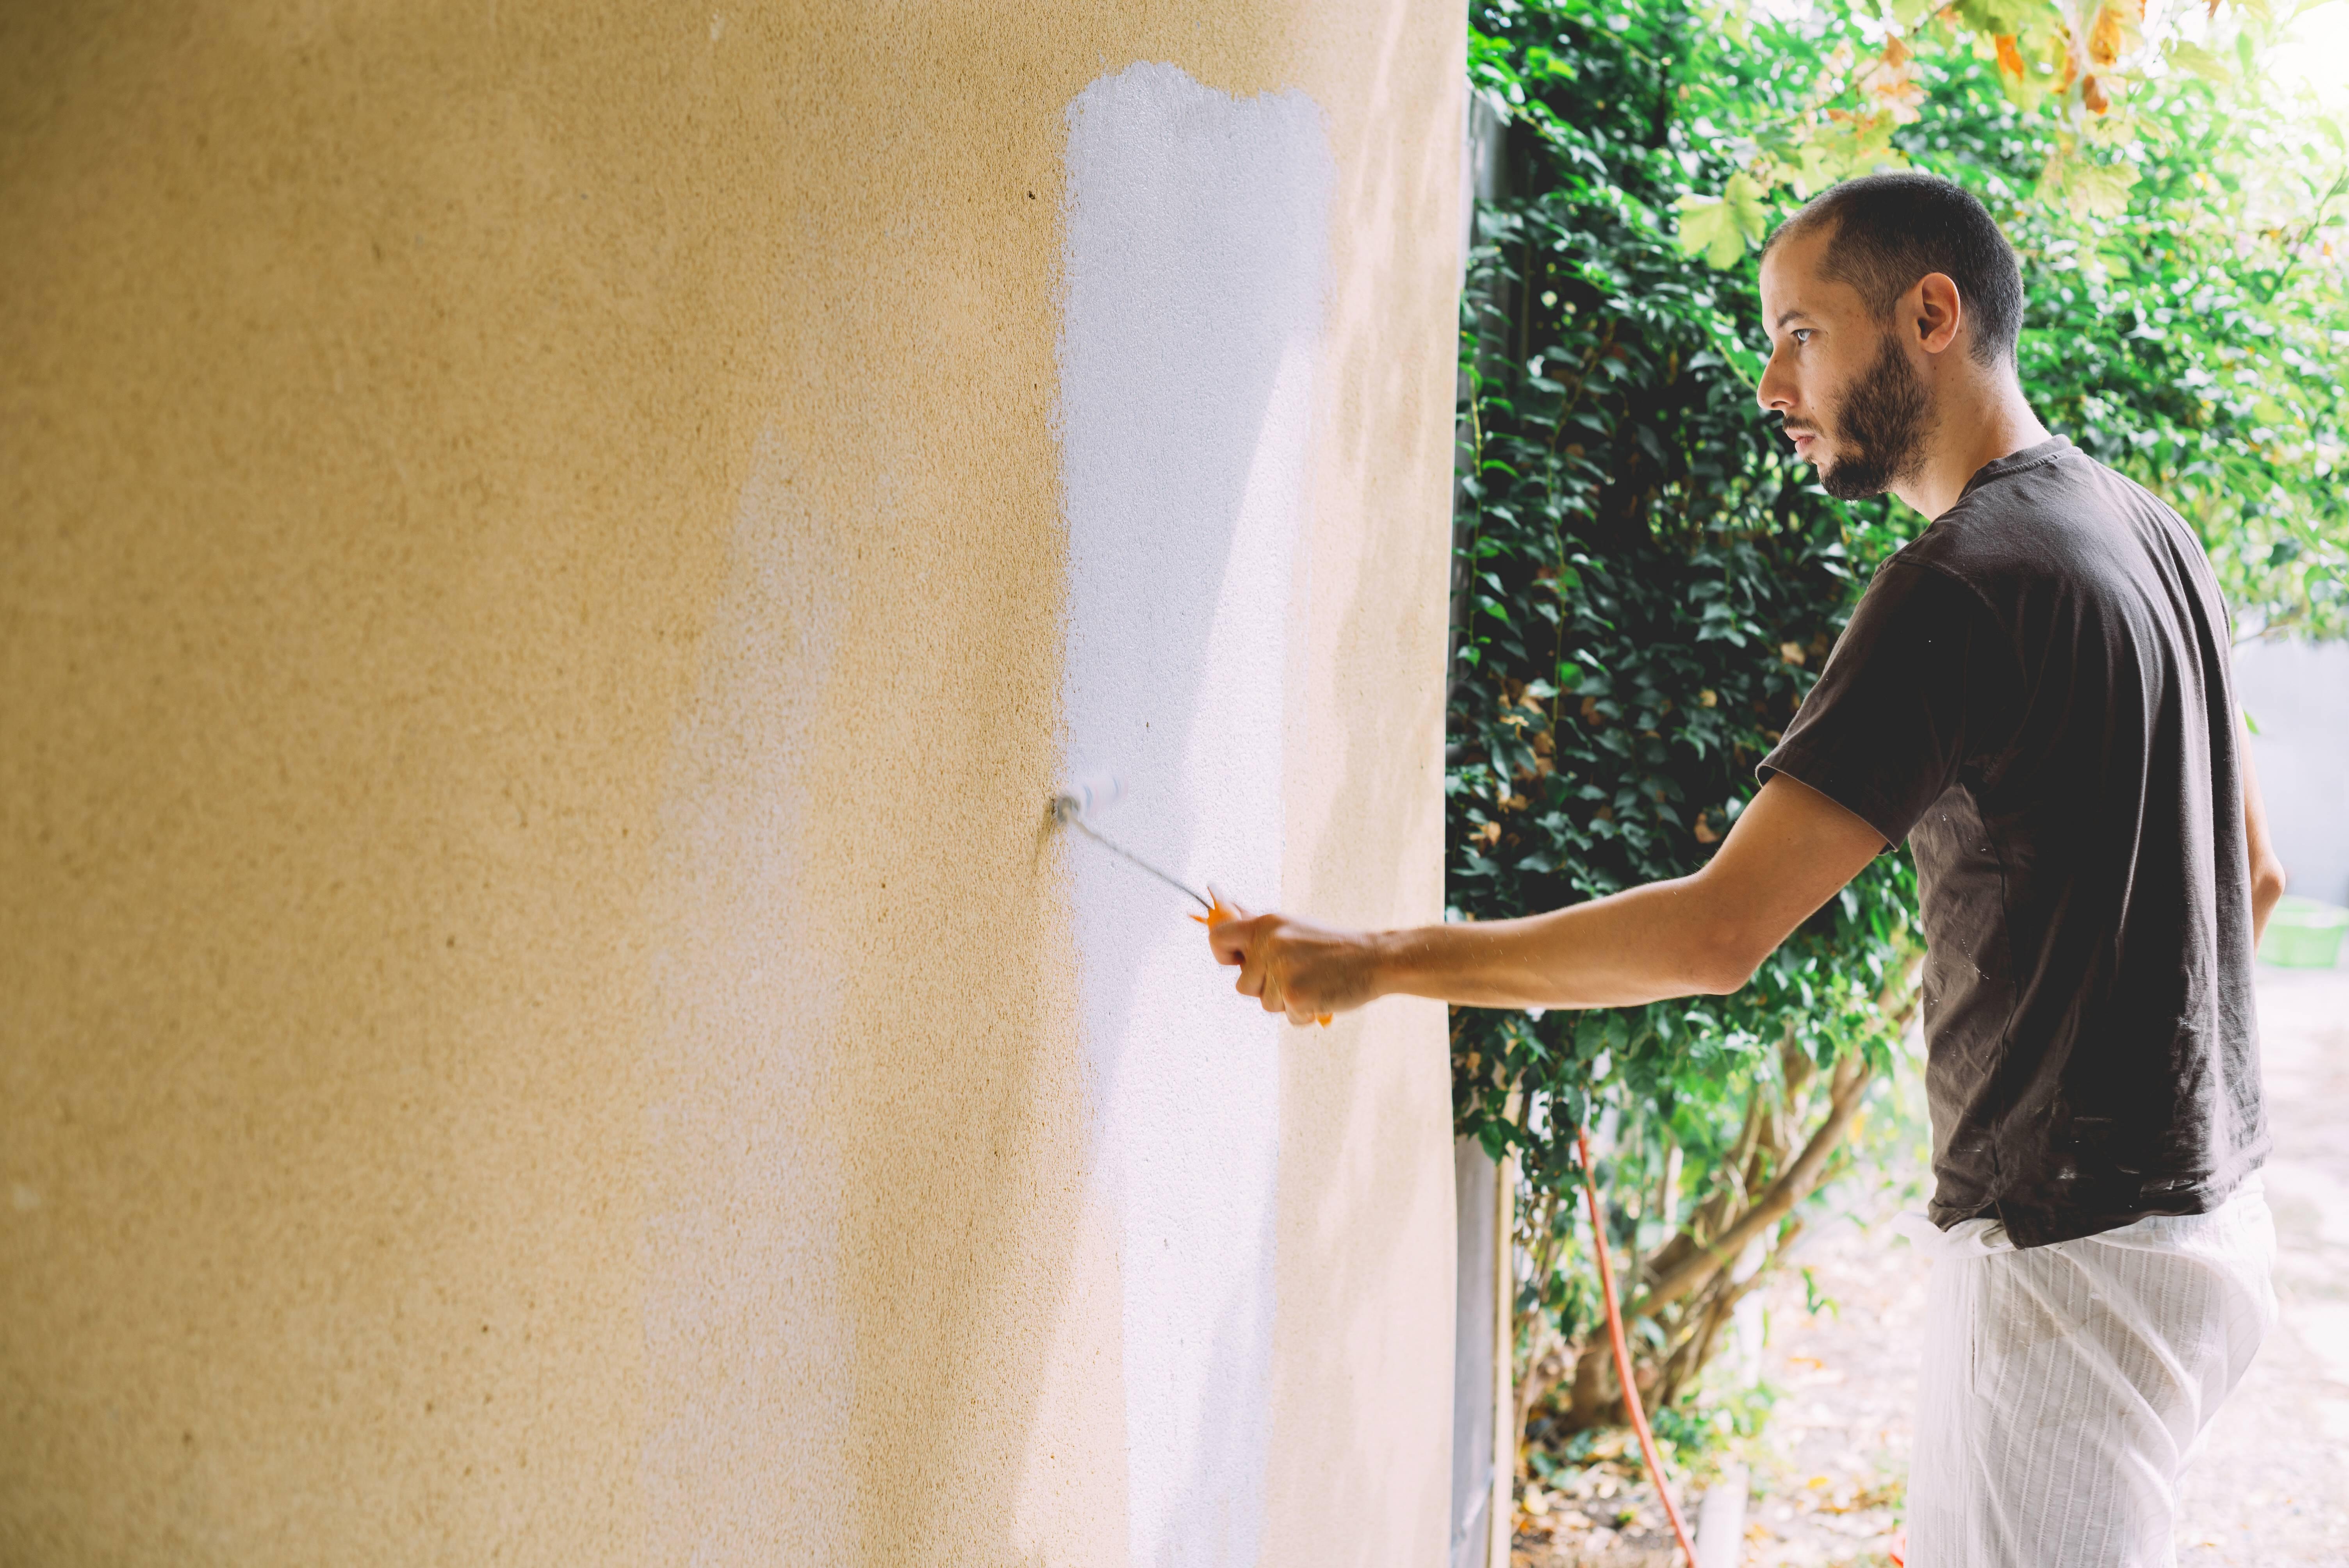 Fassade streichen: Temperatur für ein optimales Ergebnis